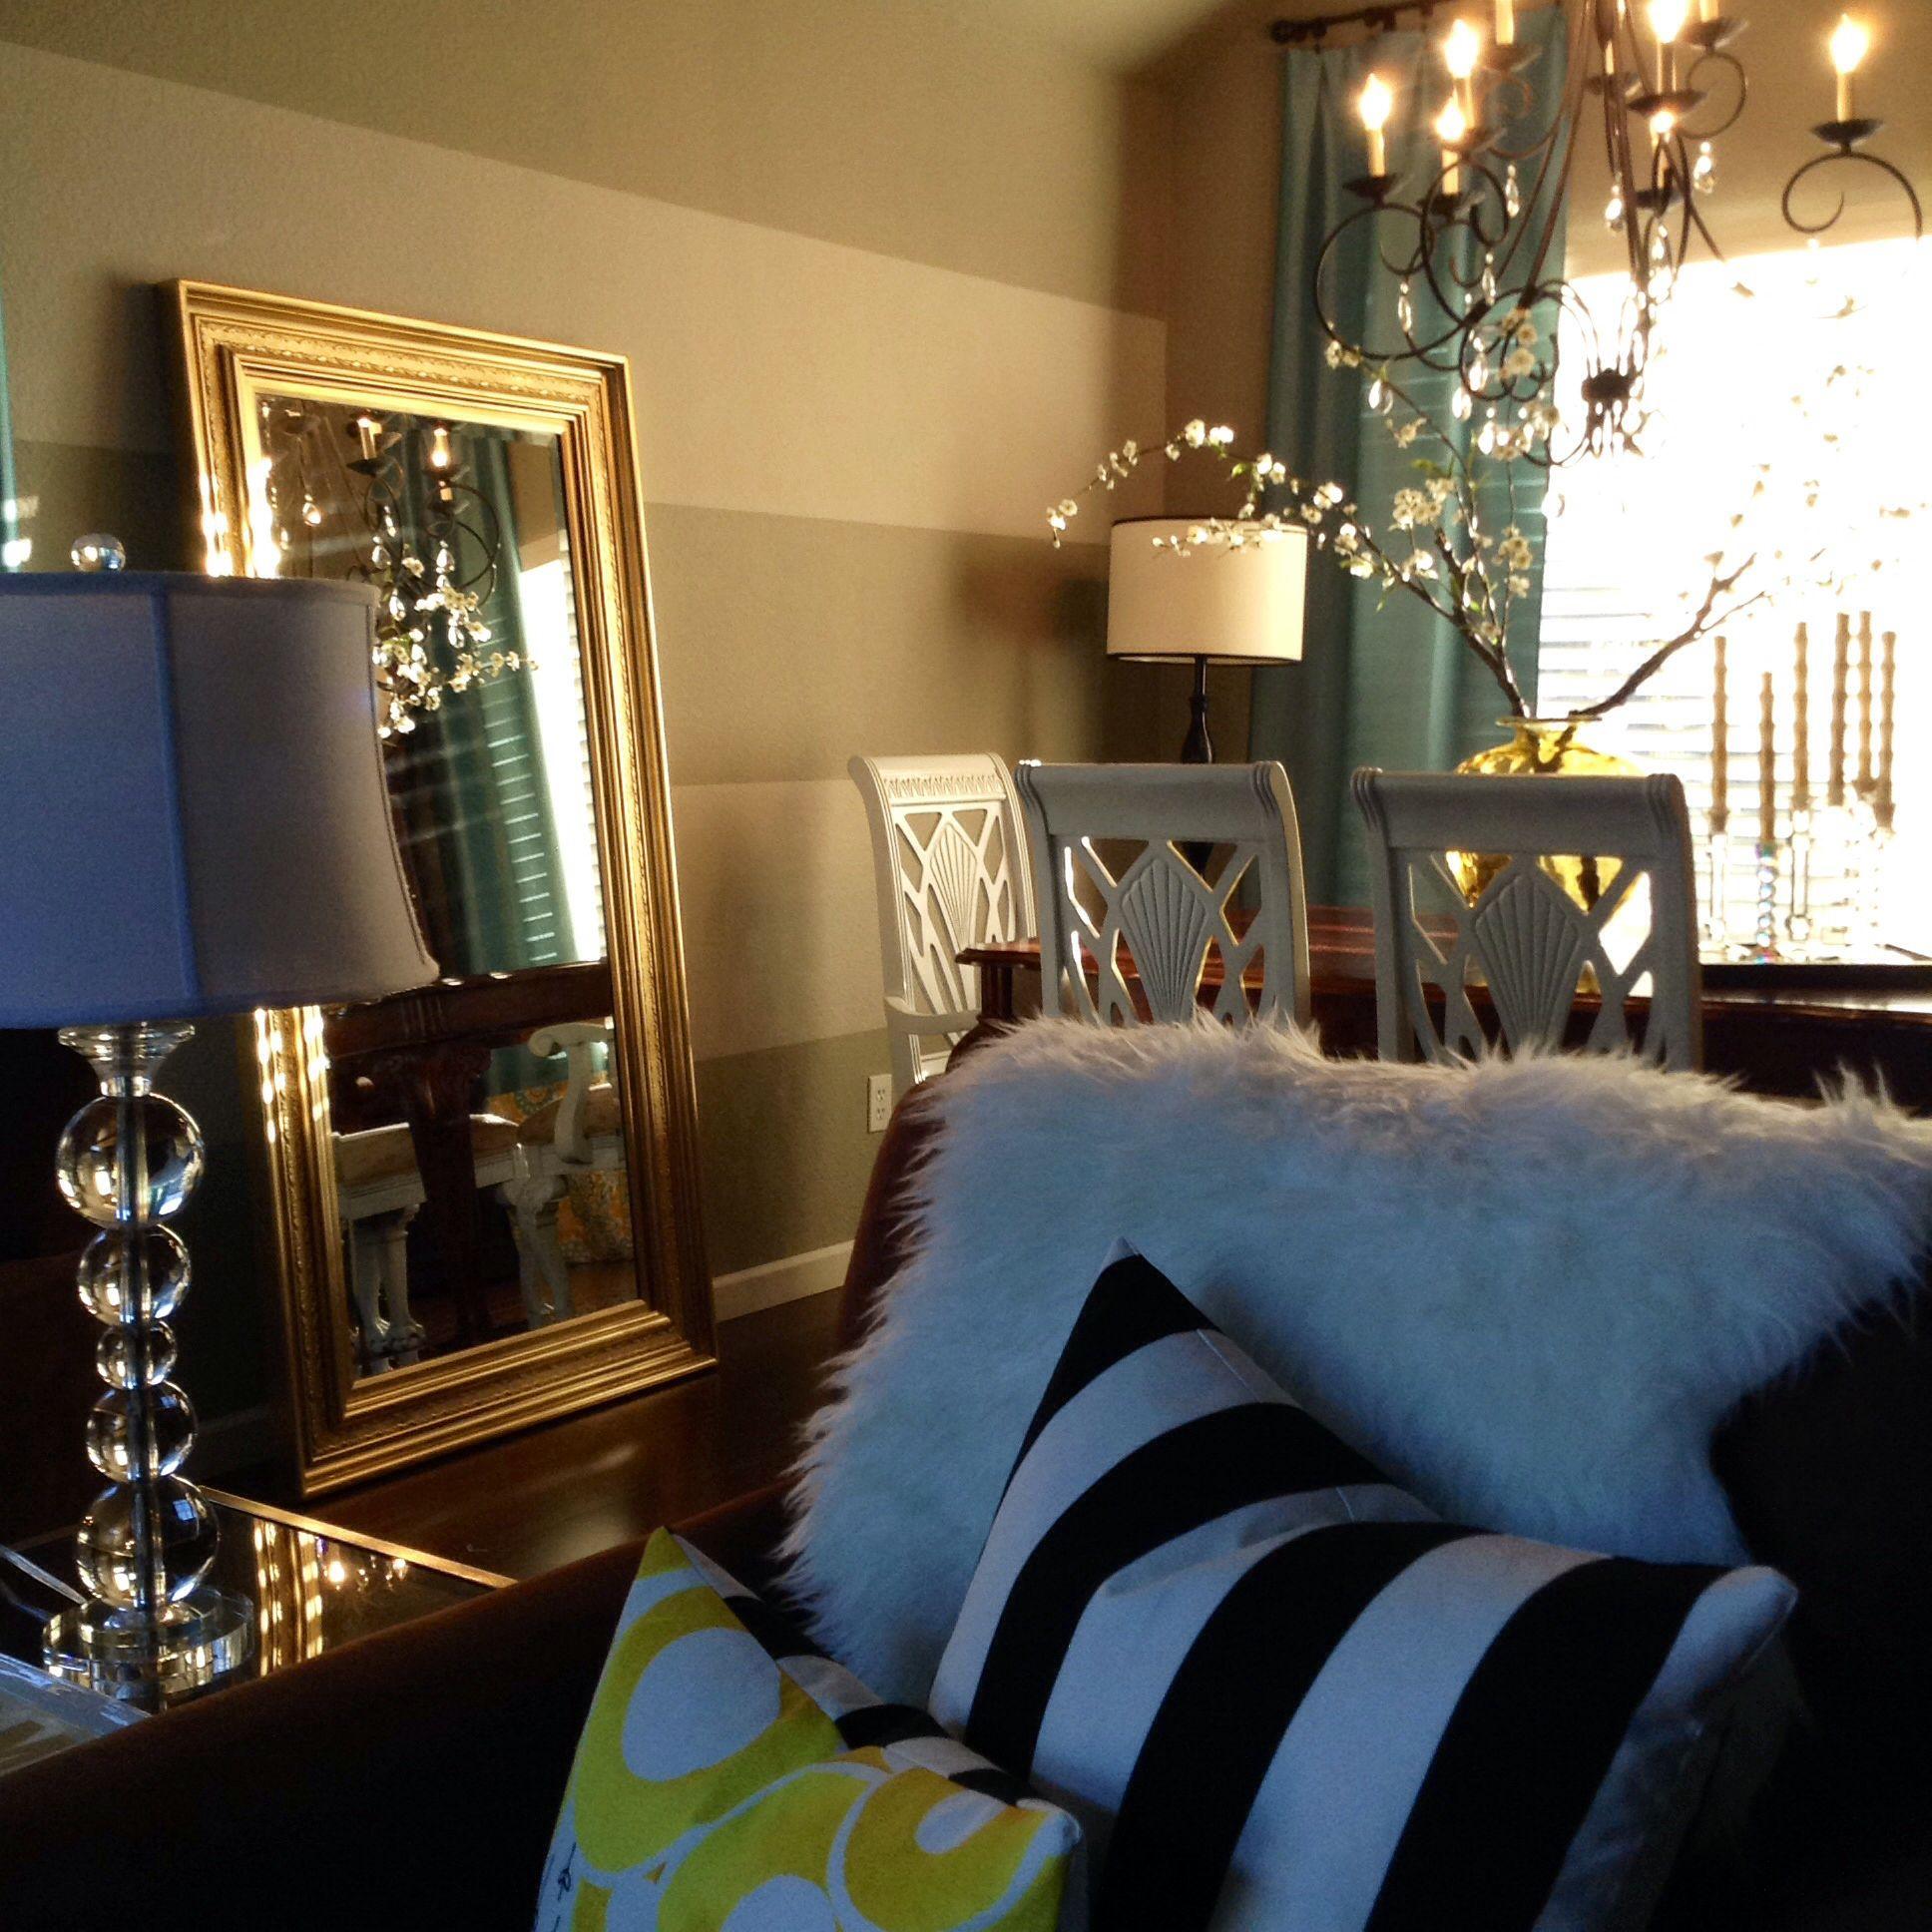 Die Besten 25 Dekoration Wohnzimmer Ideen Auf Pinterest: Die Besten 25+ Glamouröse Wohnzimmer Ideen Auf Pinterest